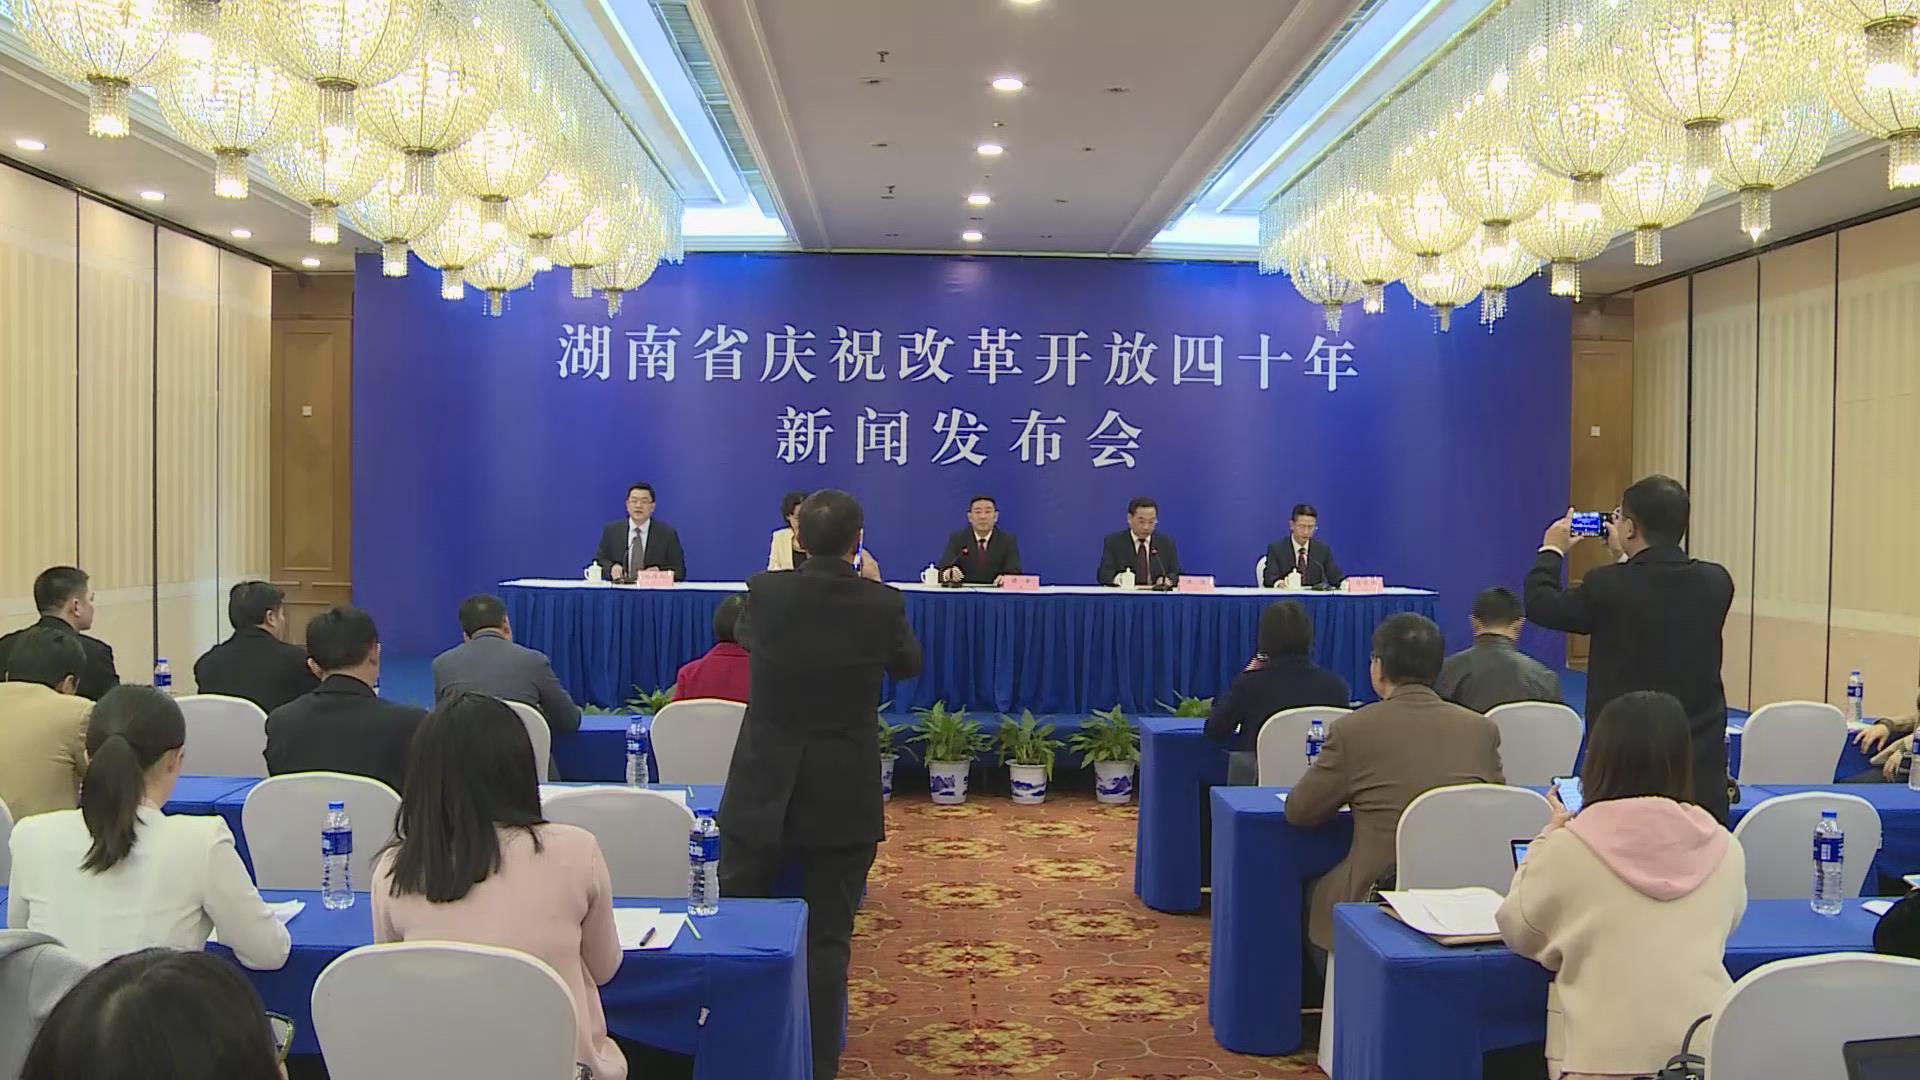 【全程回放】湖南省庆祝改革开放四十年系列新闻发布会:全省统一战线改革发展成就